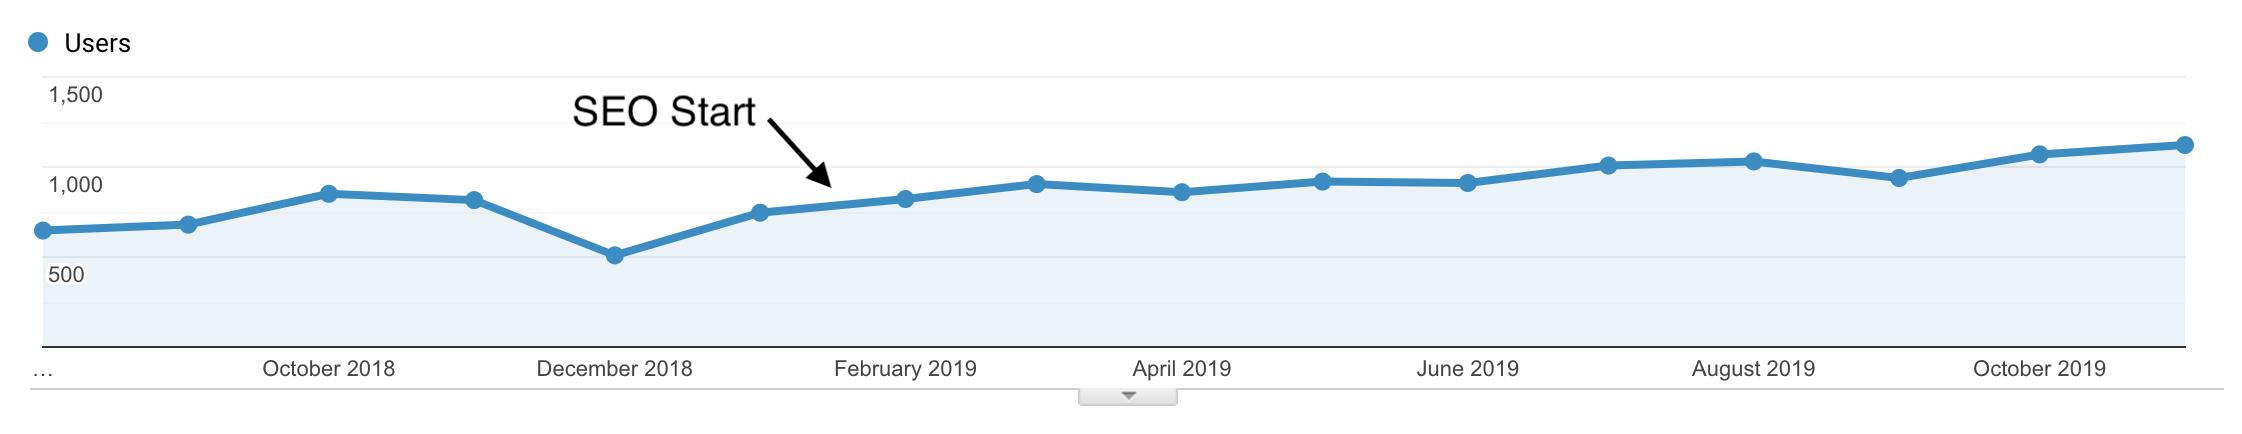 seo growth